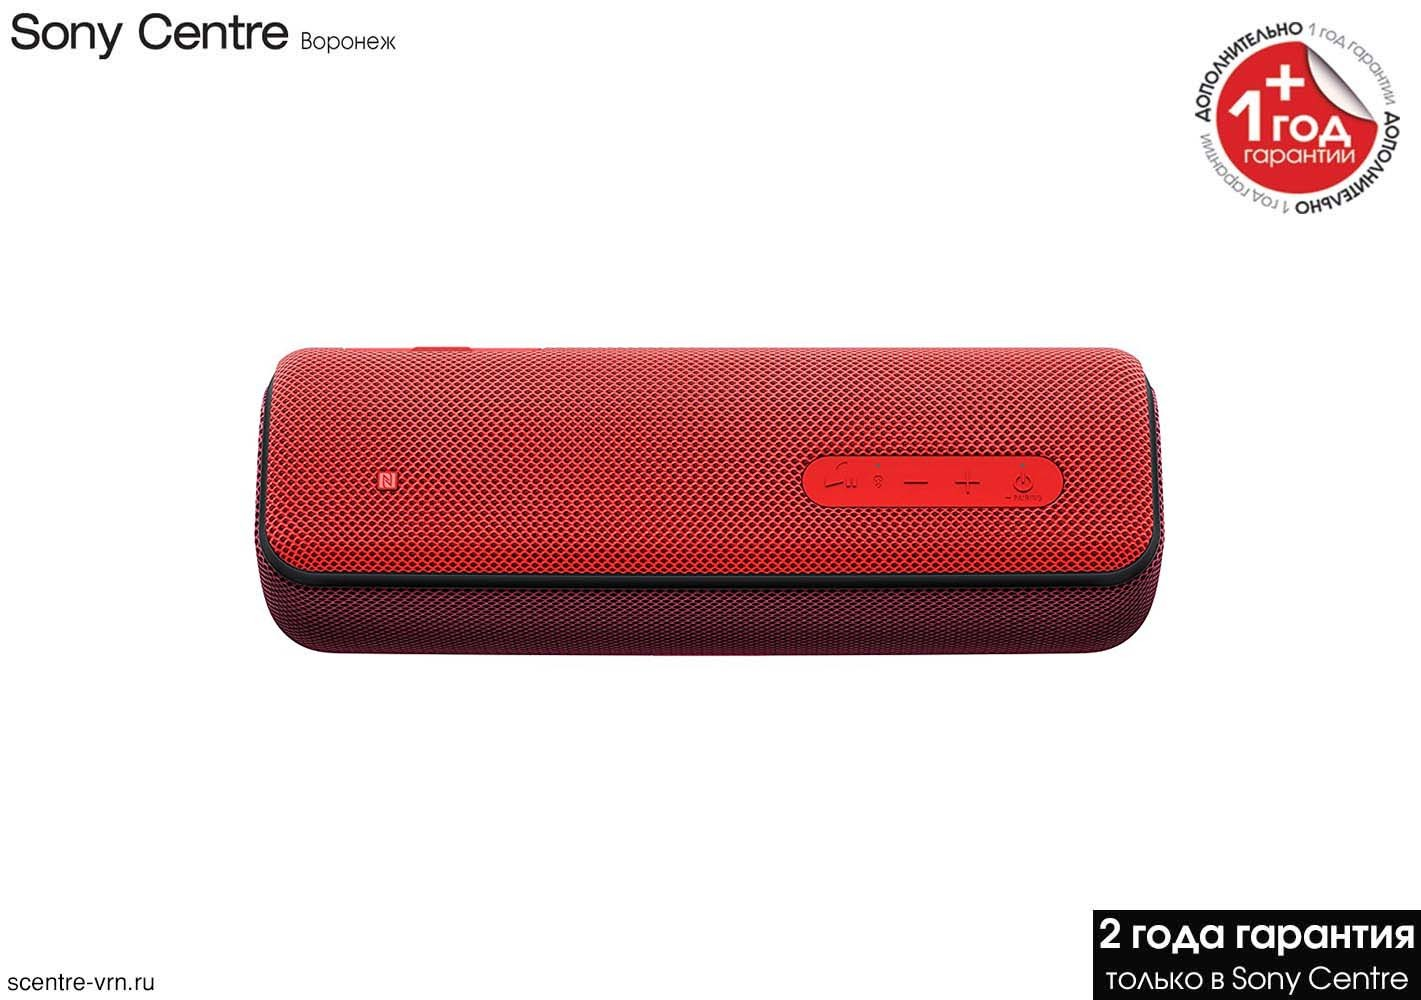 Купить Sony SRS-XB31R красного цвета в Sony Centre Воронеж